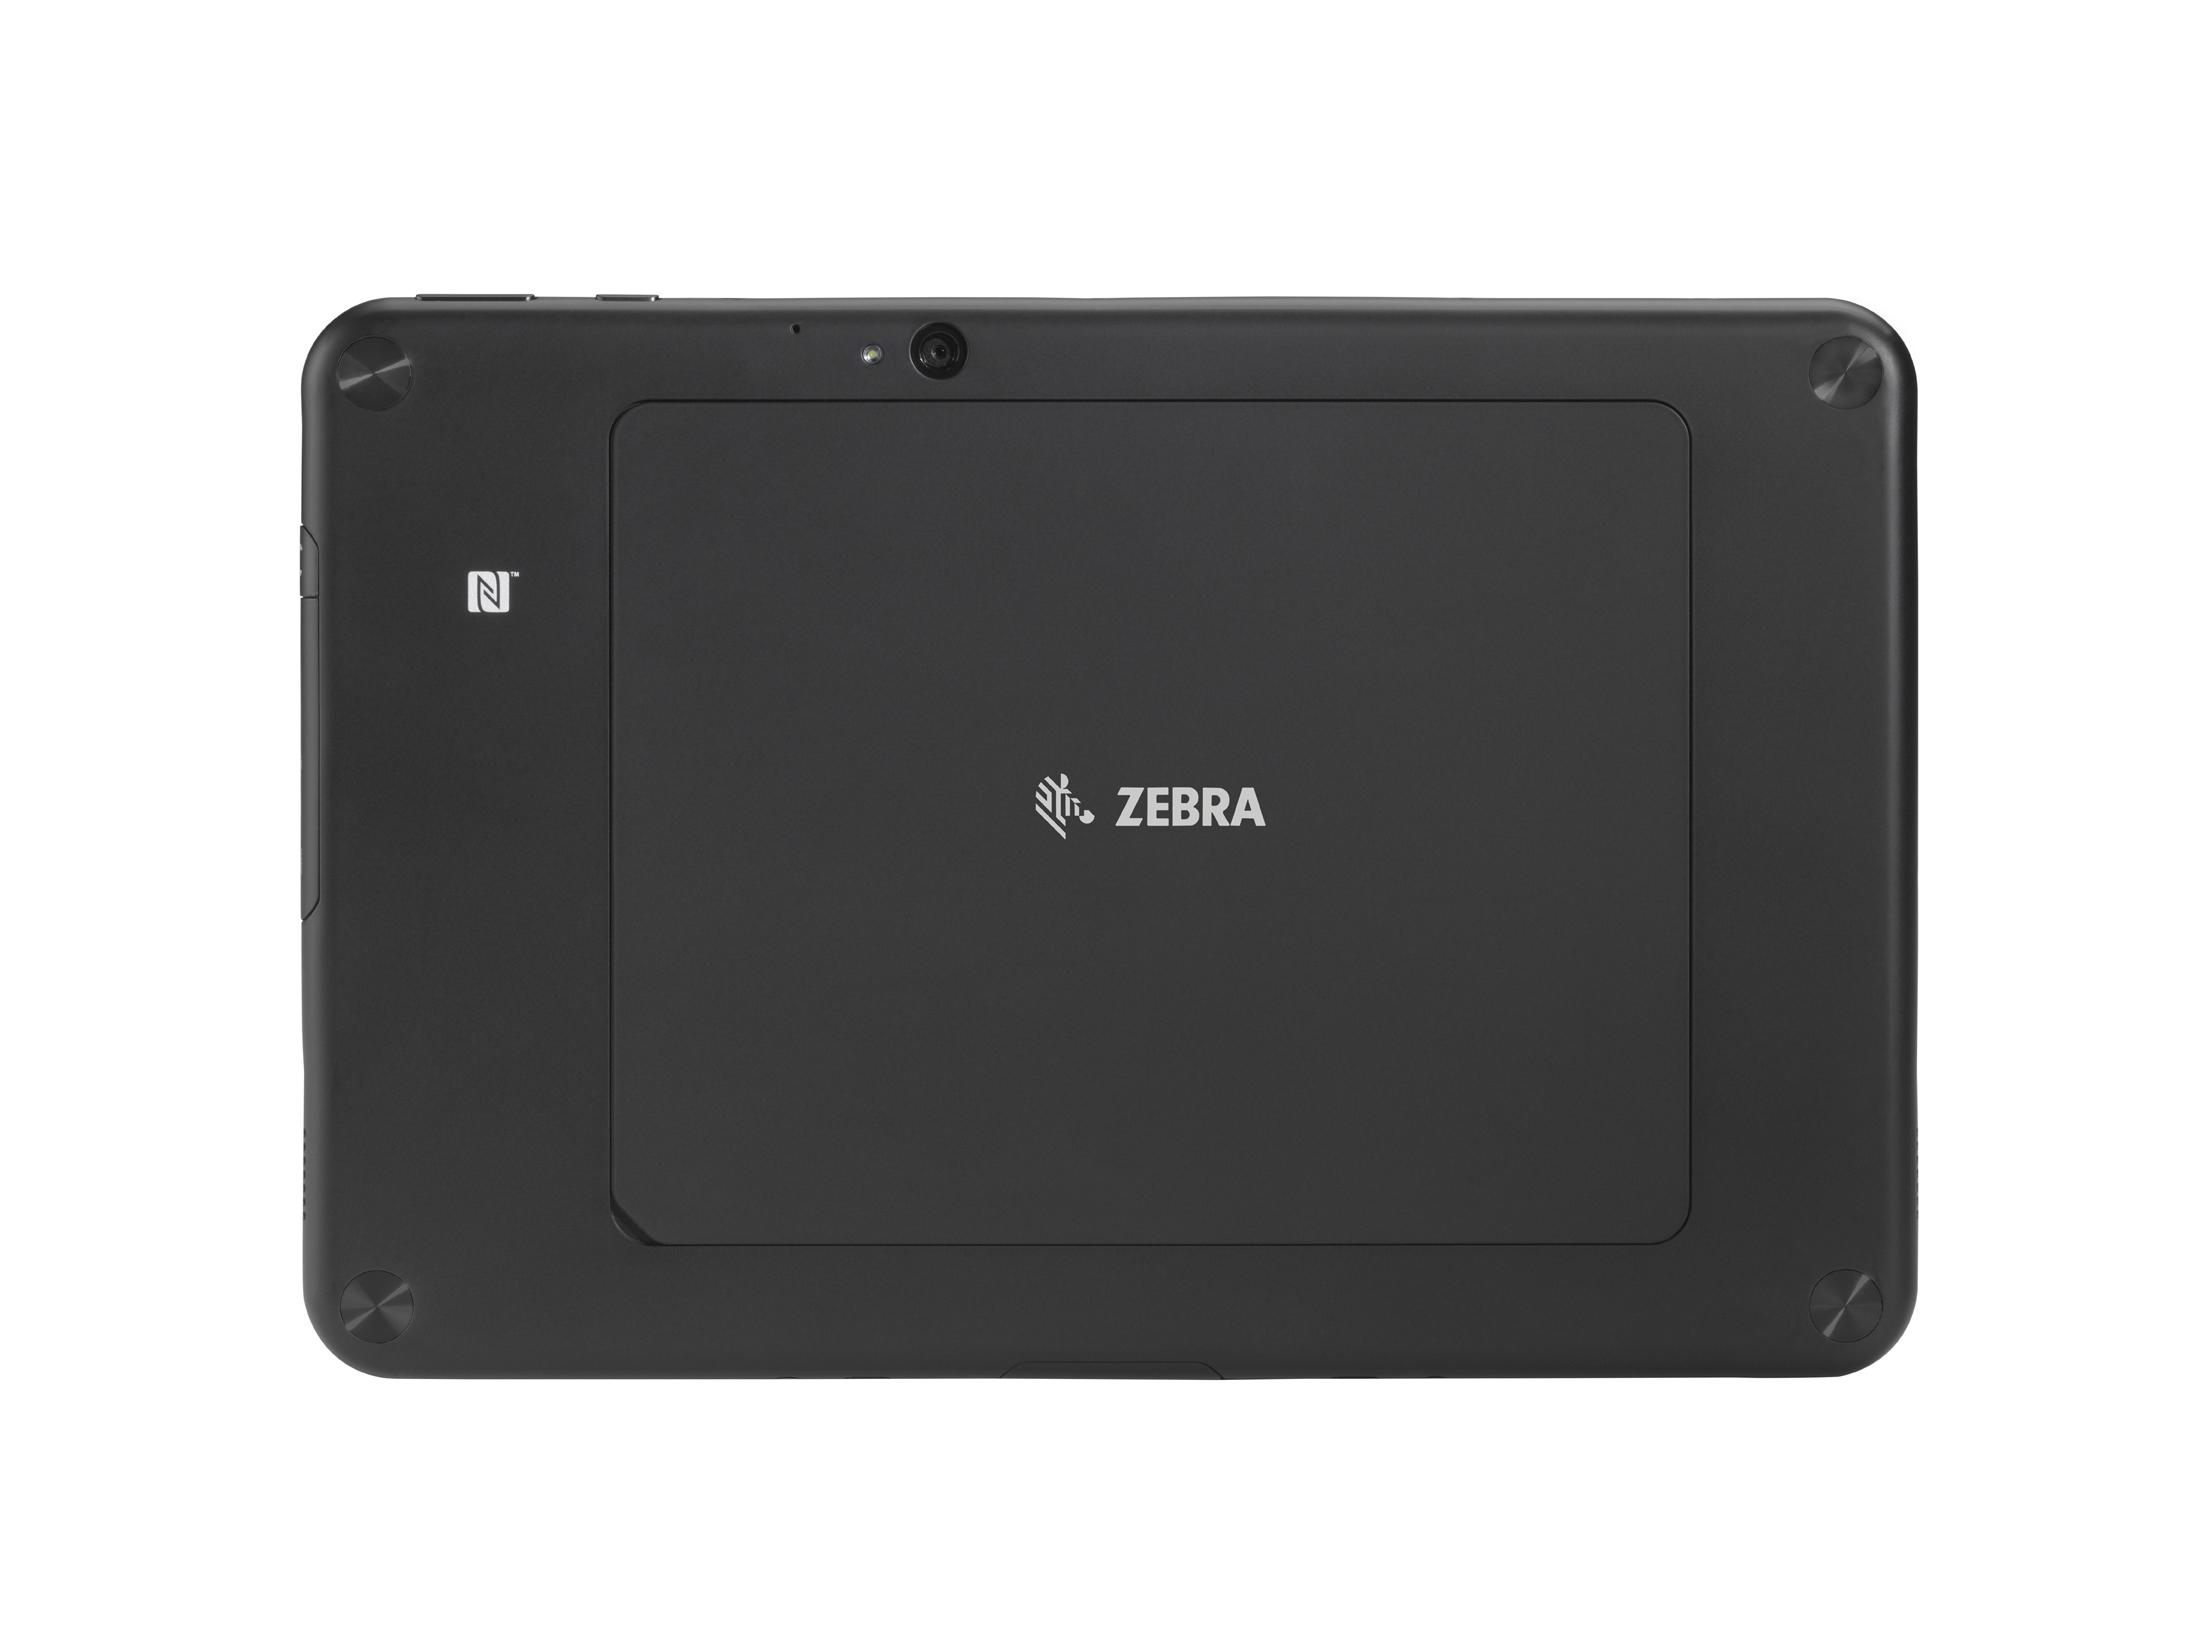 tablette zebra et50 windows 10 8.3 pouces